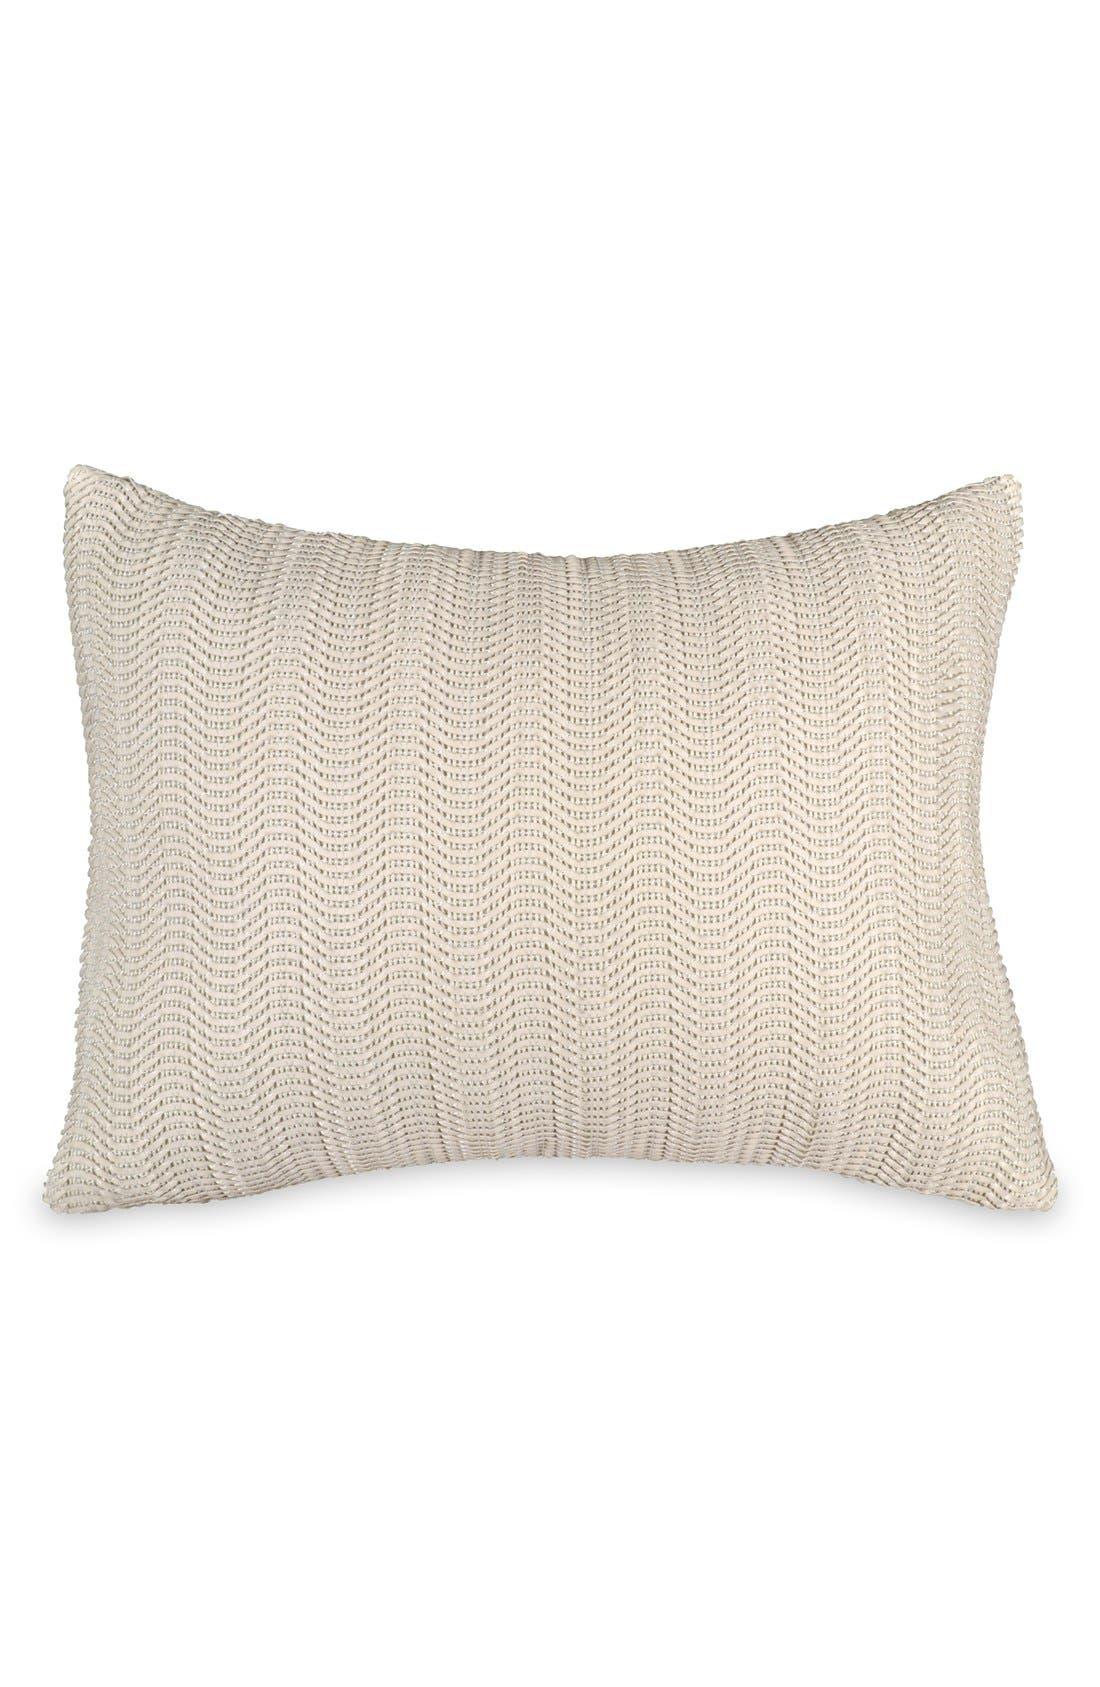 Donna Karan Collection 'Moonscape' Woven Pillow,                             Main thumbnail 1, color,                             900